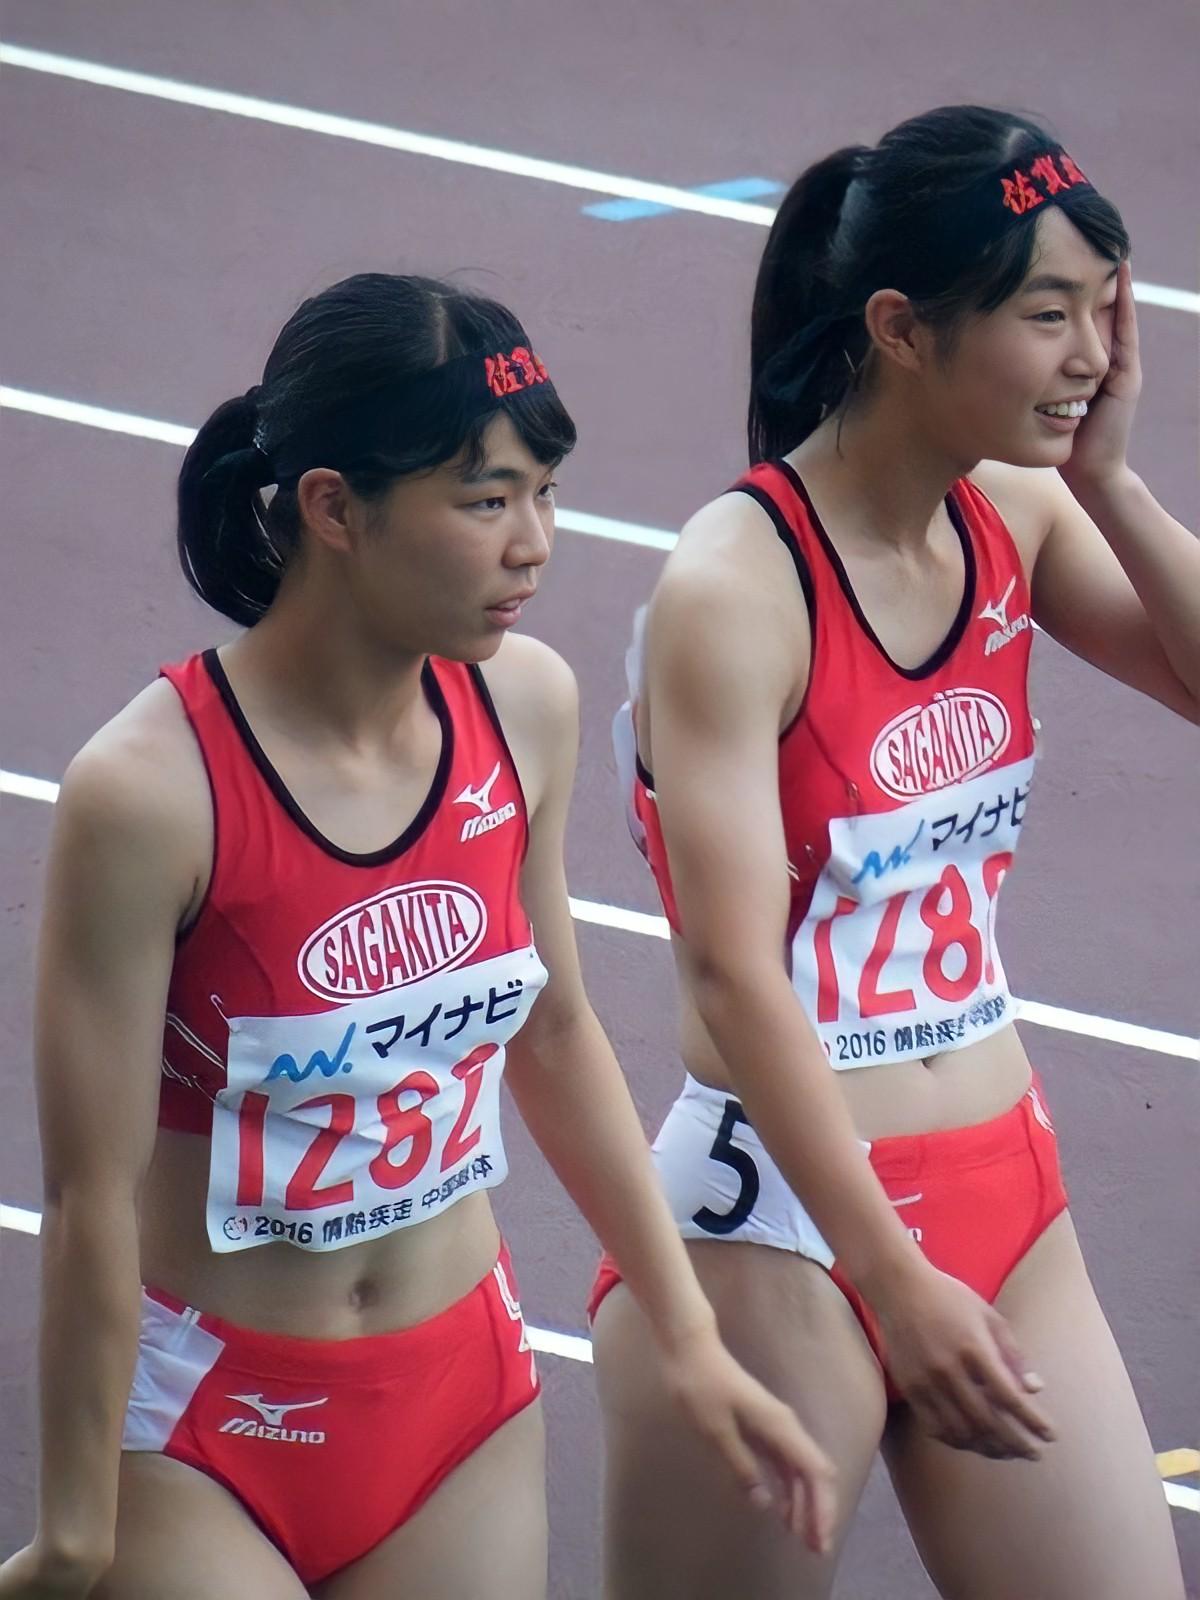 佐賀北高校 女子陸上部 ブルマ レーシングショーツ